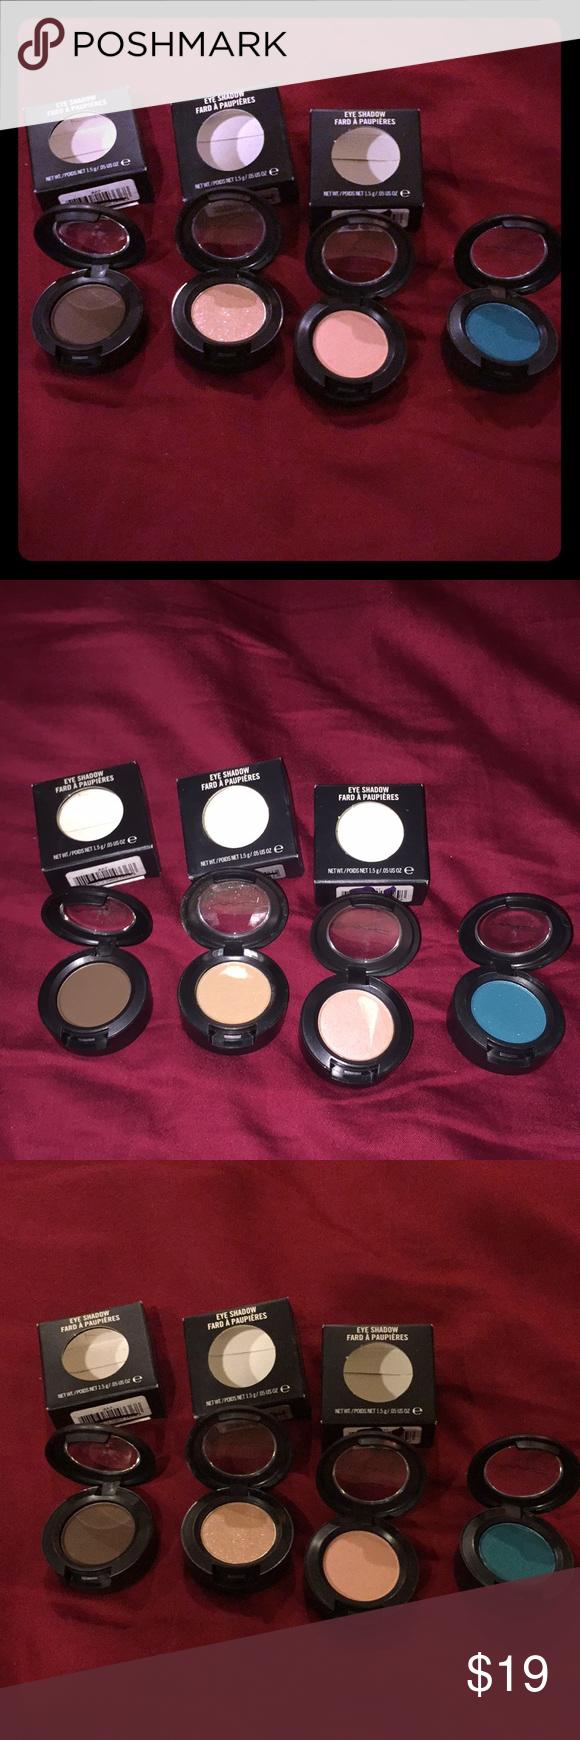 Brand new SET OF 4 MAC Shadows!! Set of 4 MAC eyeshadows